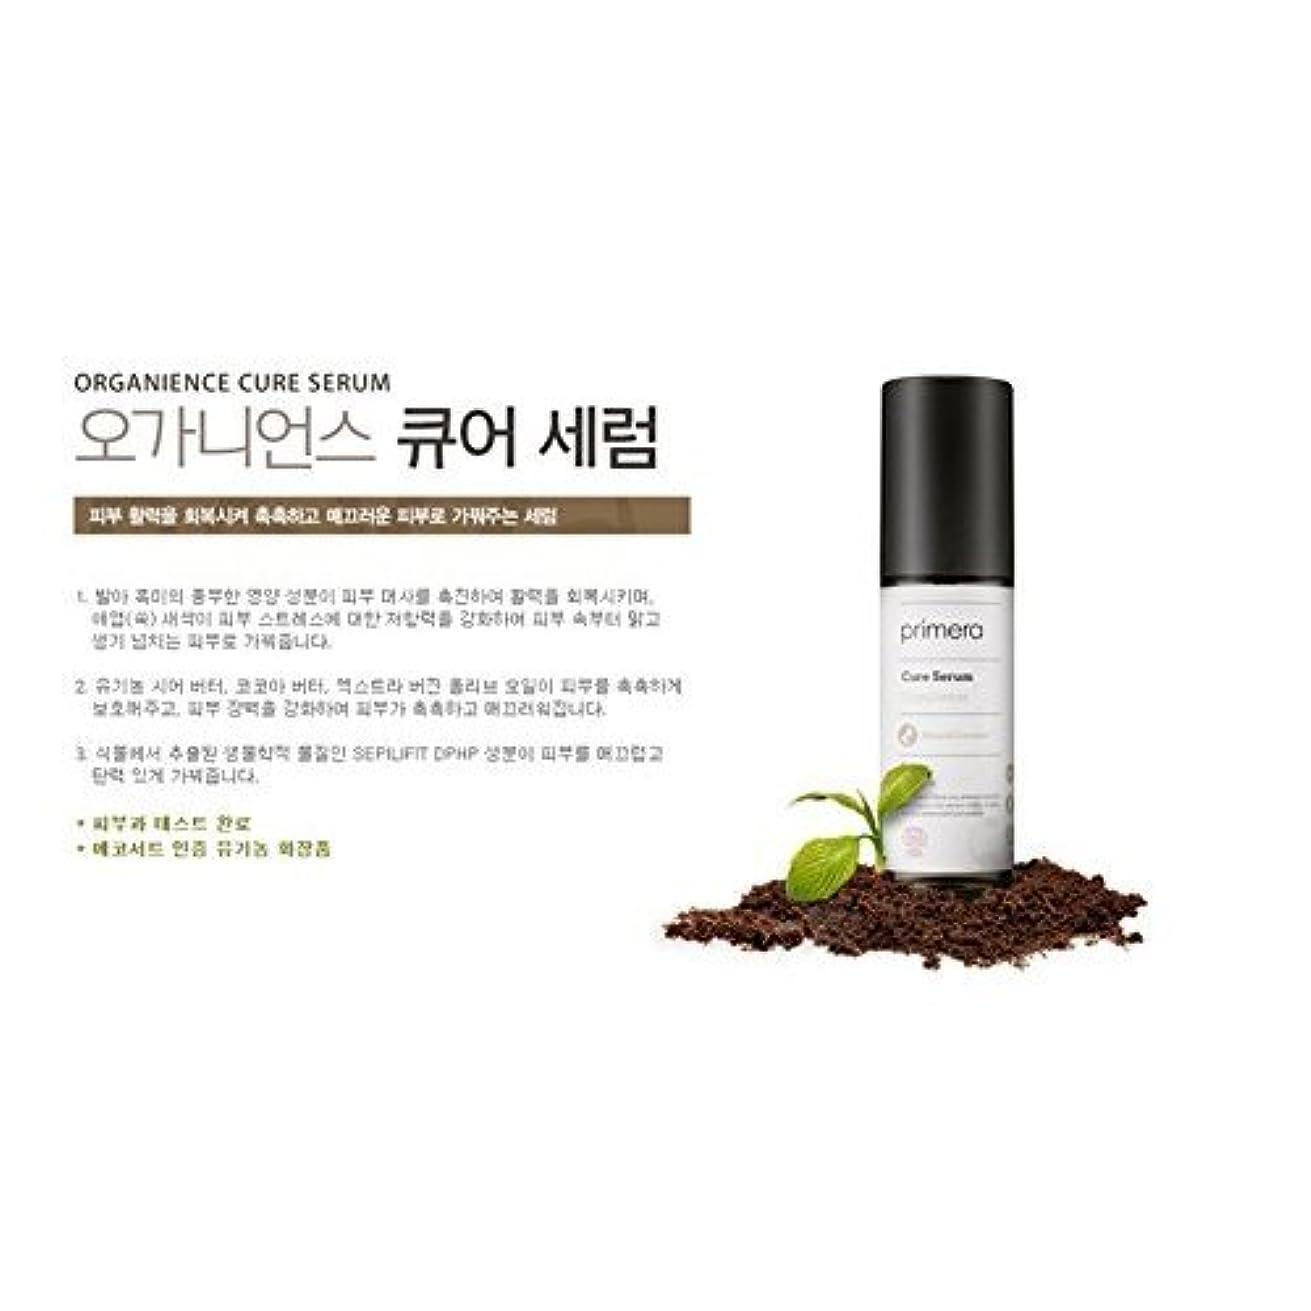 悲しむ用心アンカーAMOREPACIFIC Primera Organience Cure Serum, KOREAN BEAUTY